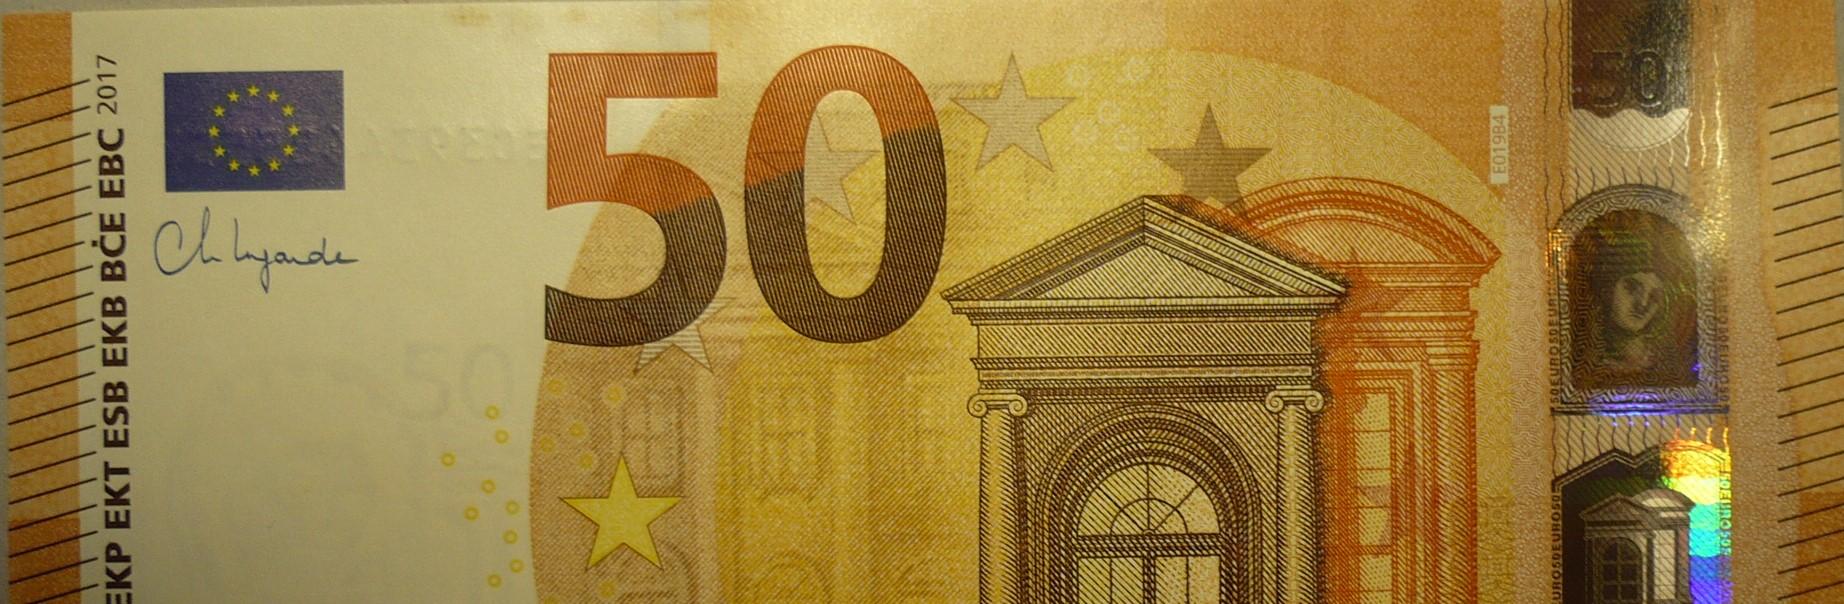 50 E E 019 Lagarde - Collection EUROPE